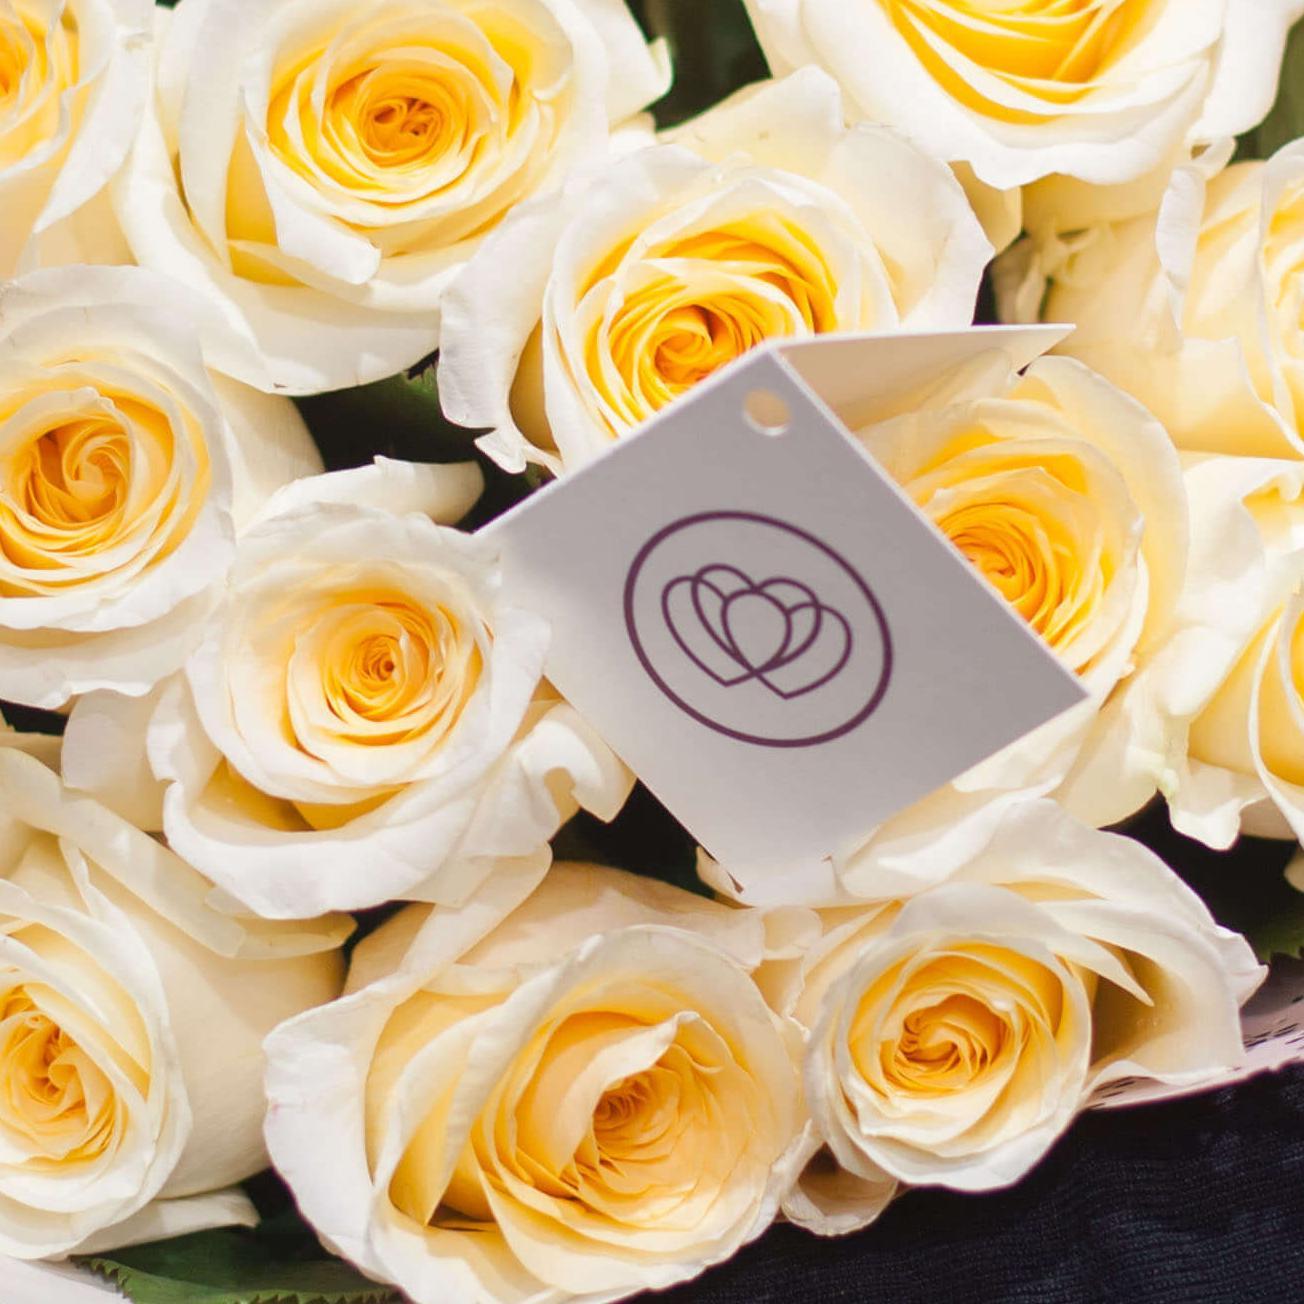 Кремовые розы Creem de la creem 40 см опт фото